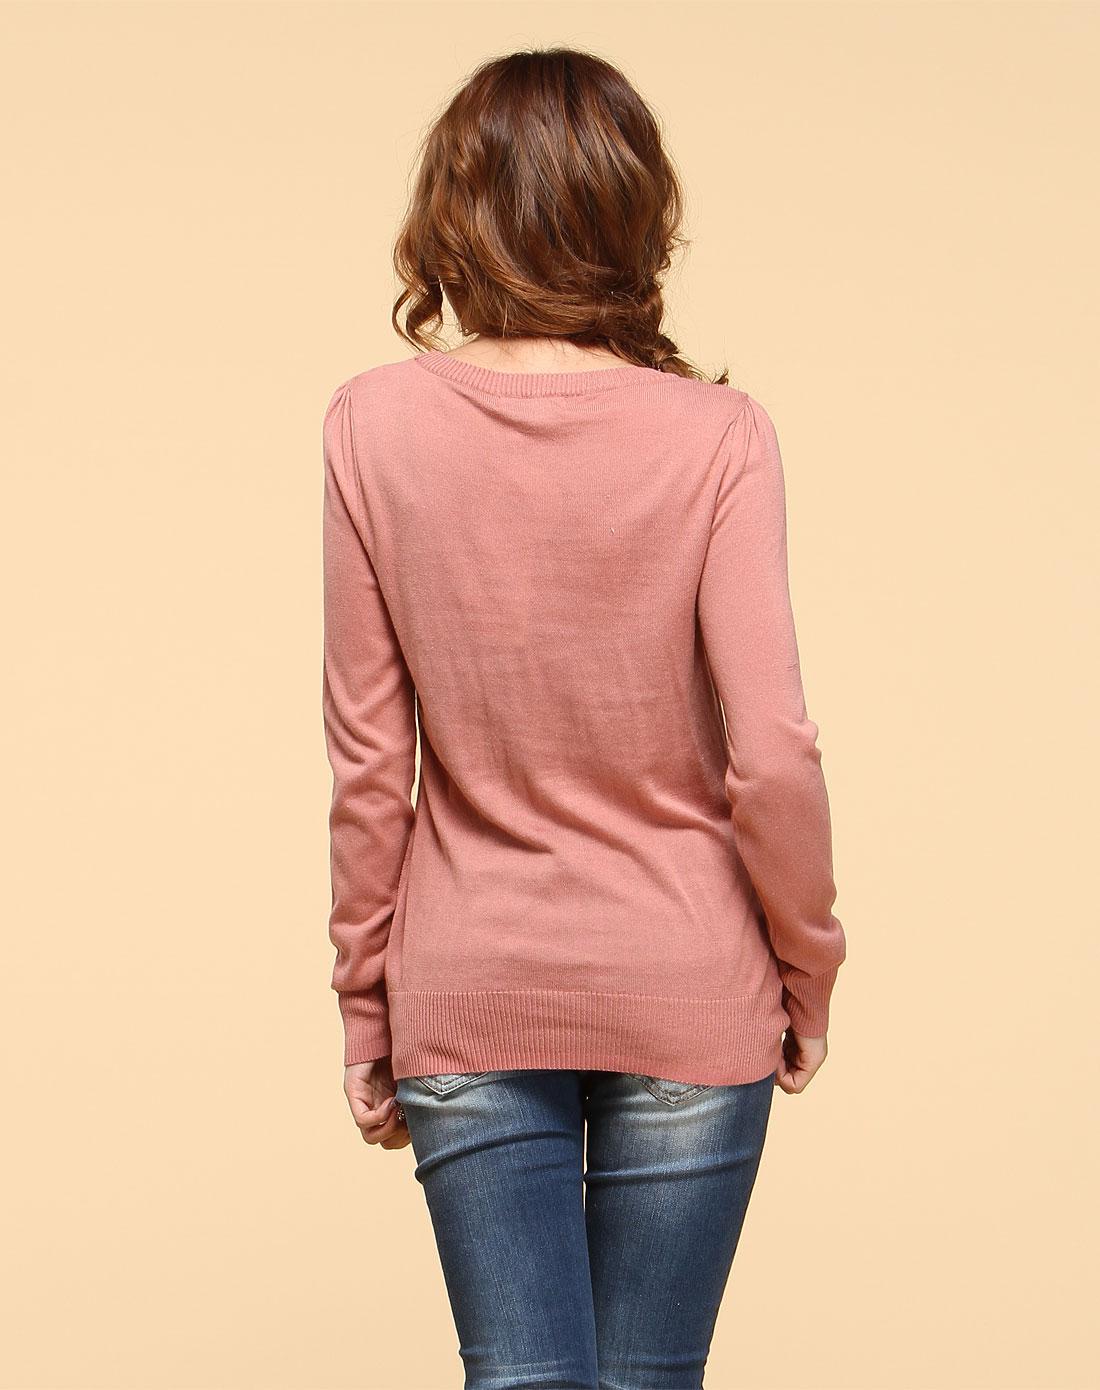 威丝曼wsm肉粉色圆领少女图案长袖针织衫nc010060r20